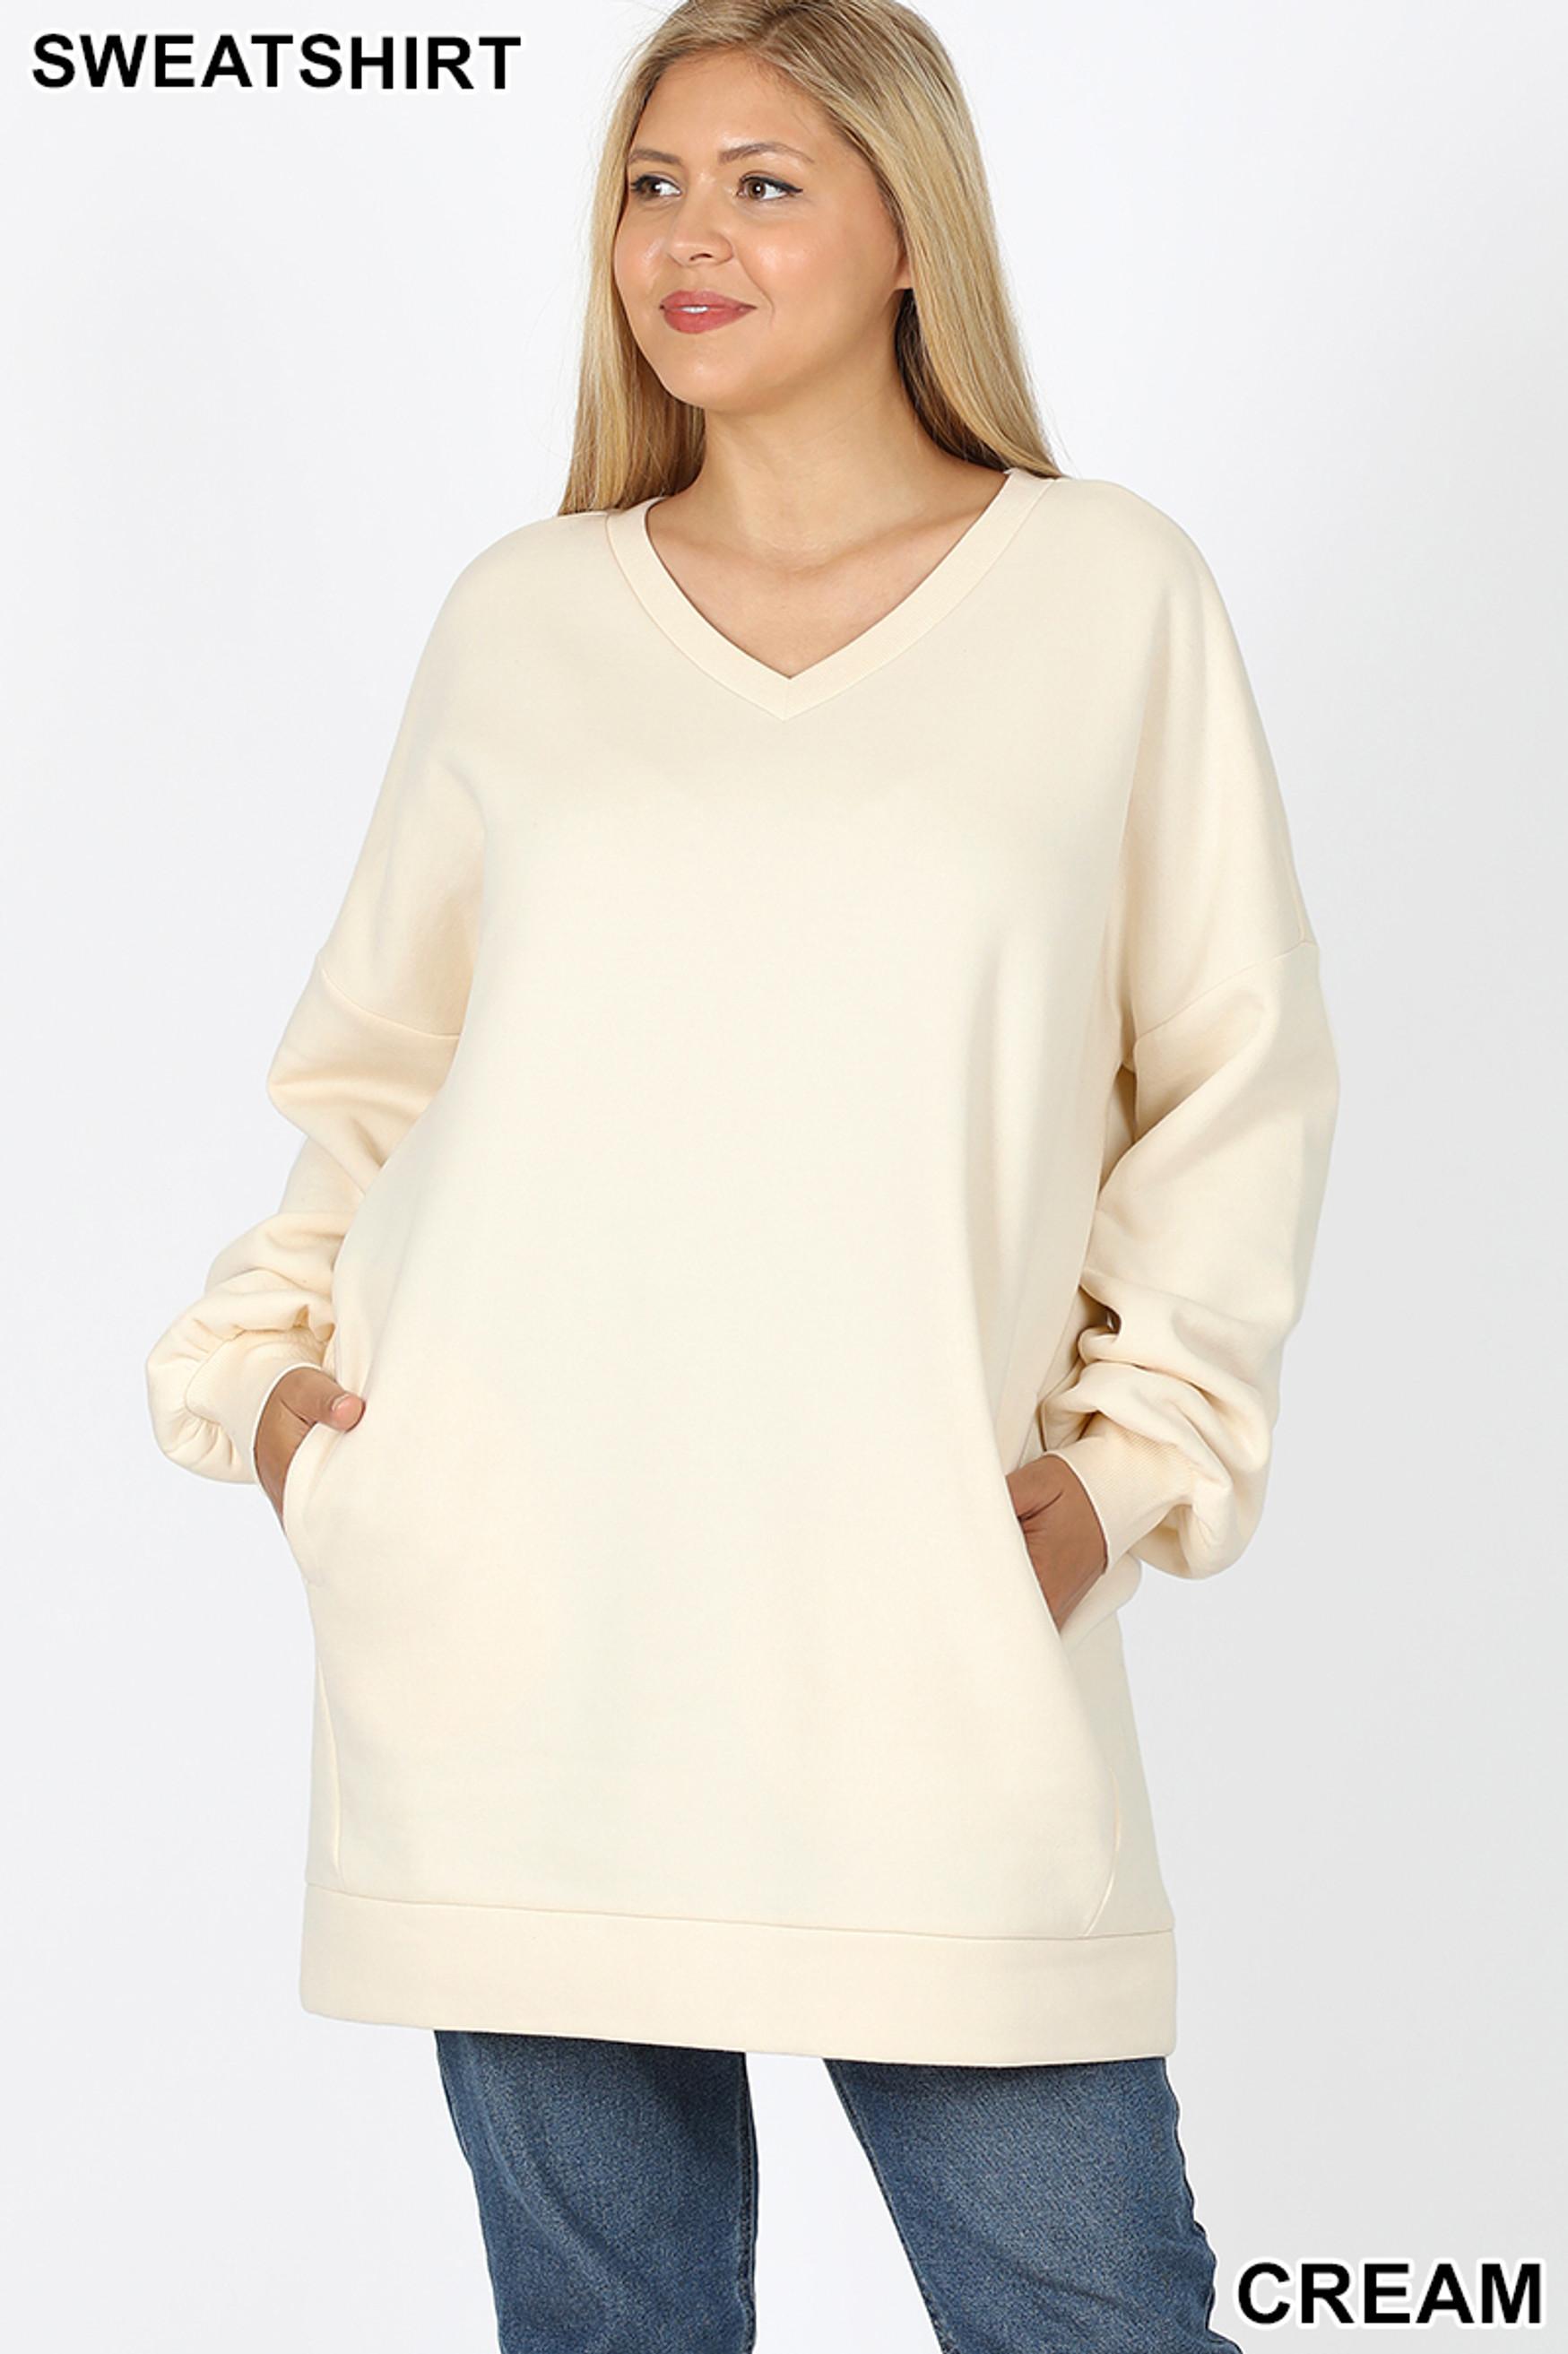 Front image of Cream Oversized V-Neck Longline Plus Size Sweatshirt with Pockets